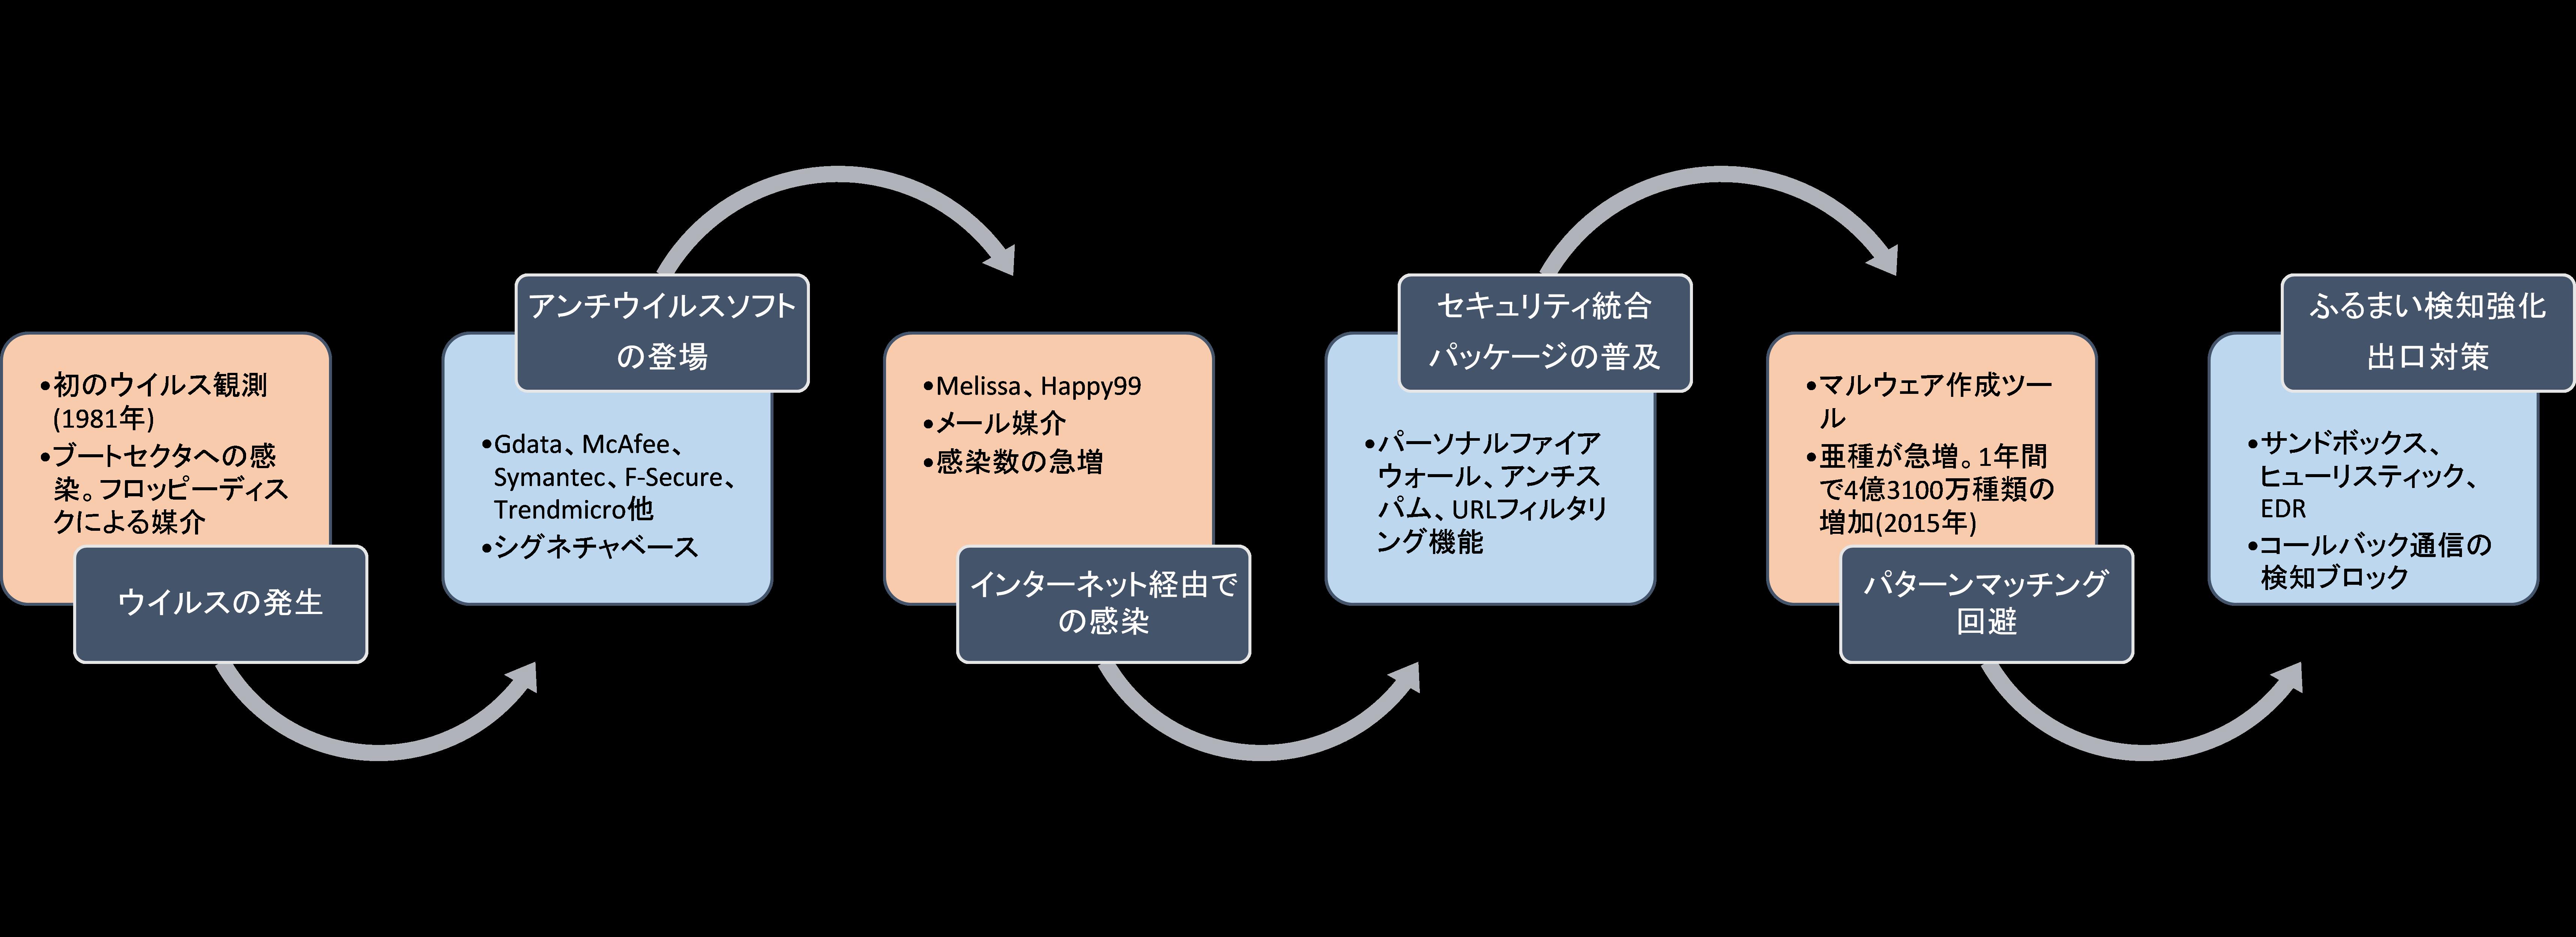 図1_マルウェアの変遷とウィルス対策ソフトの変遷